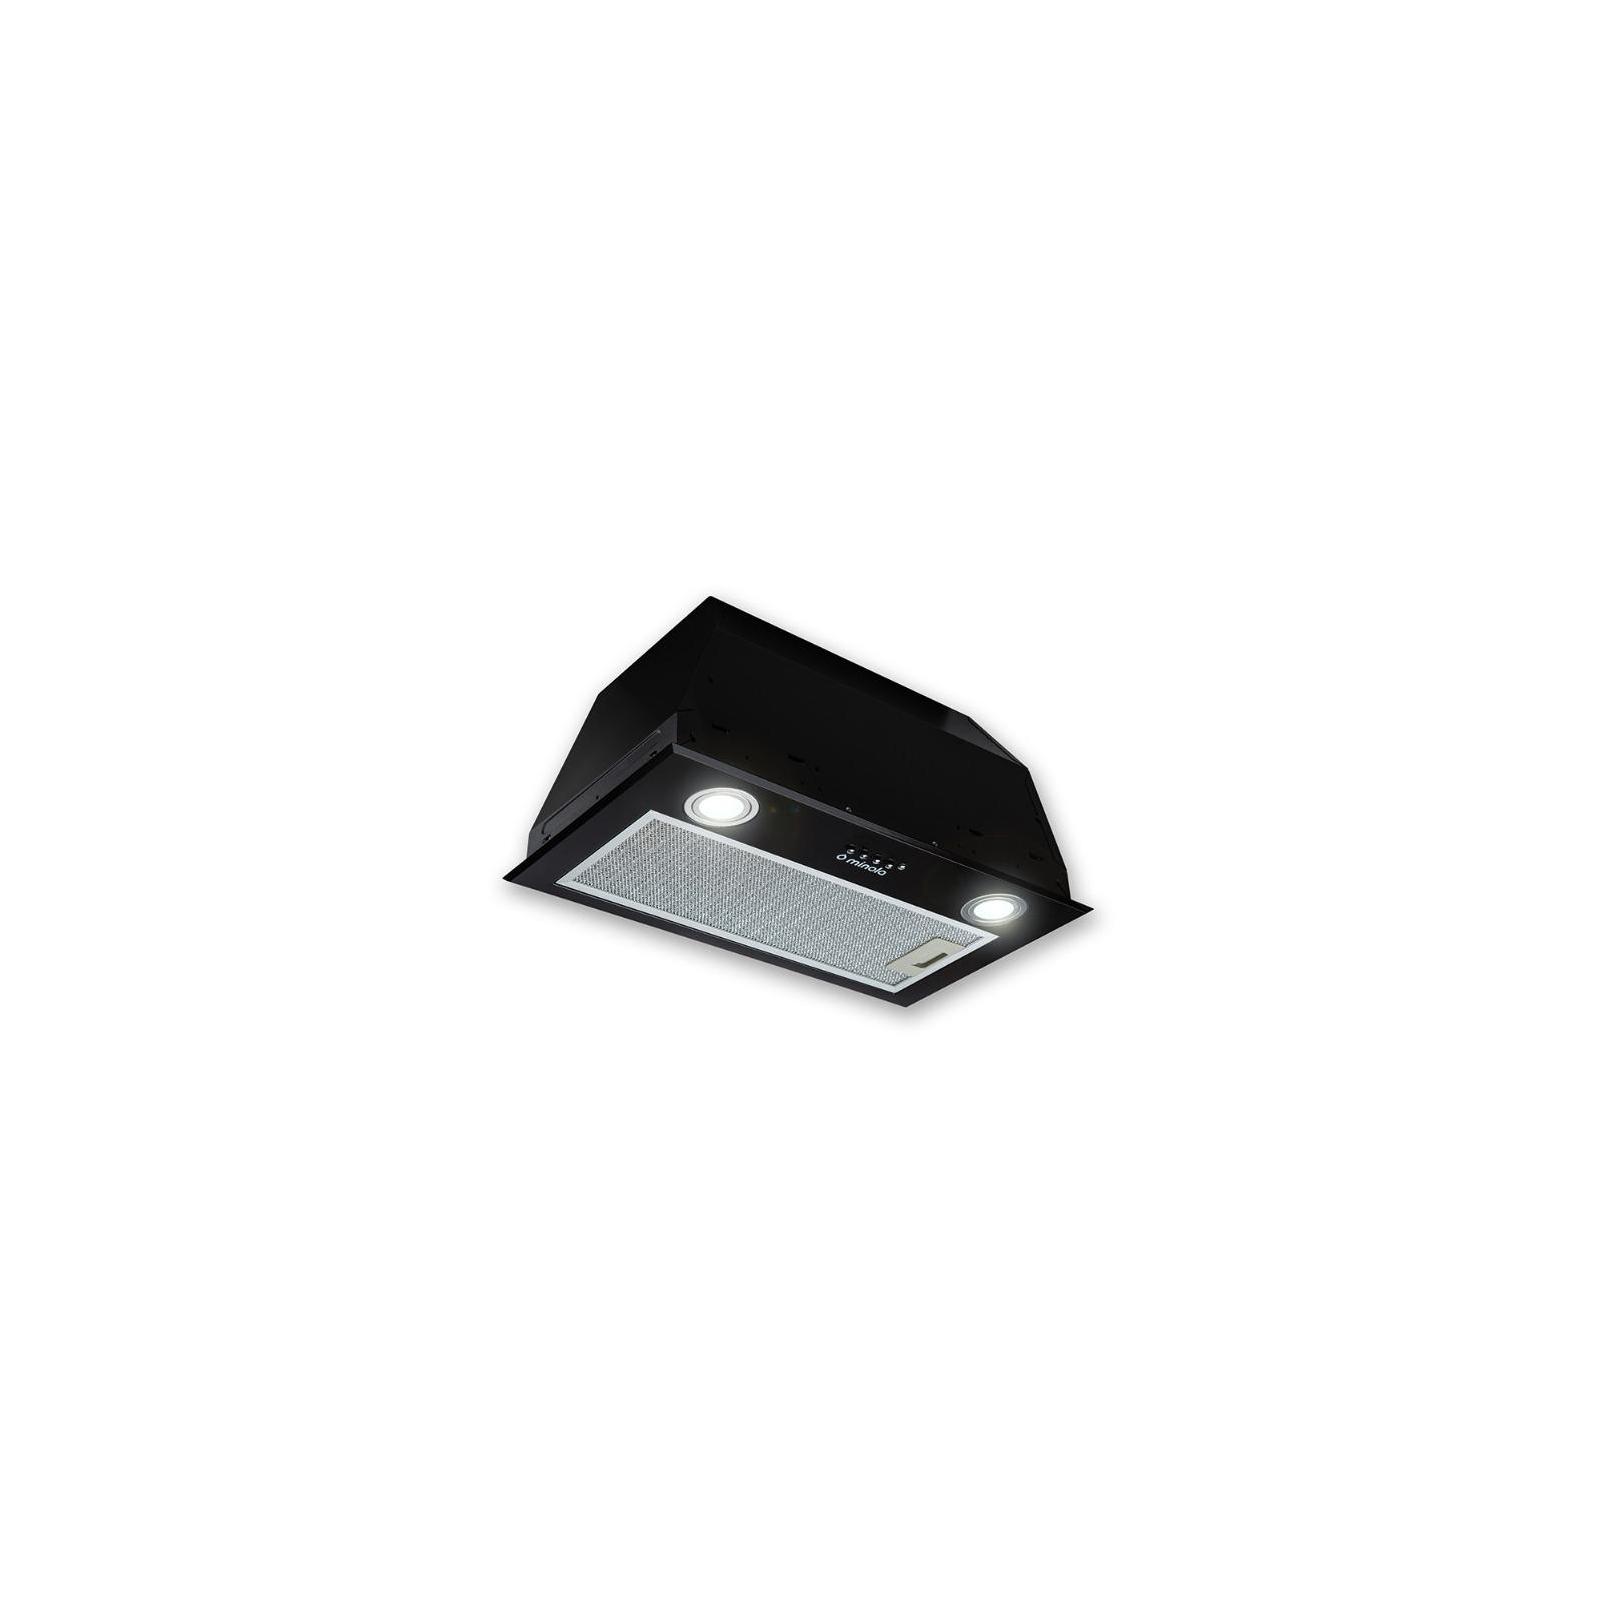 Вытяжка кухонная MINOLA HBI 5822 BL 1200 LED изображение 4